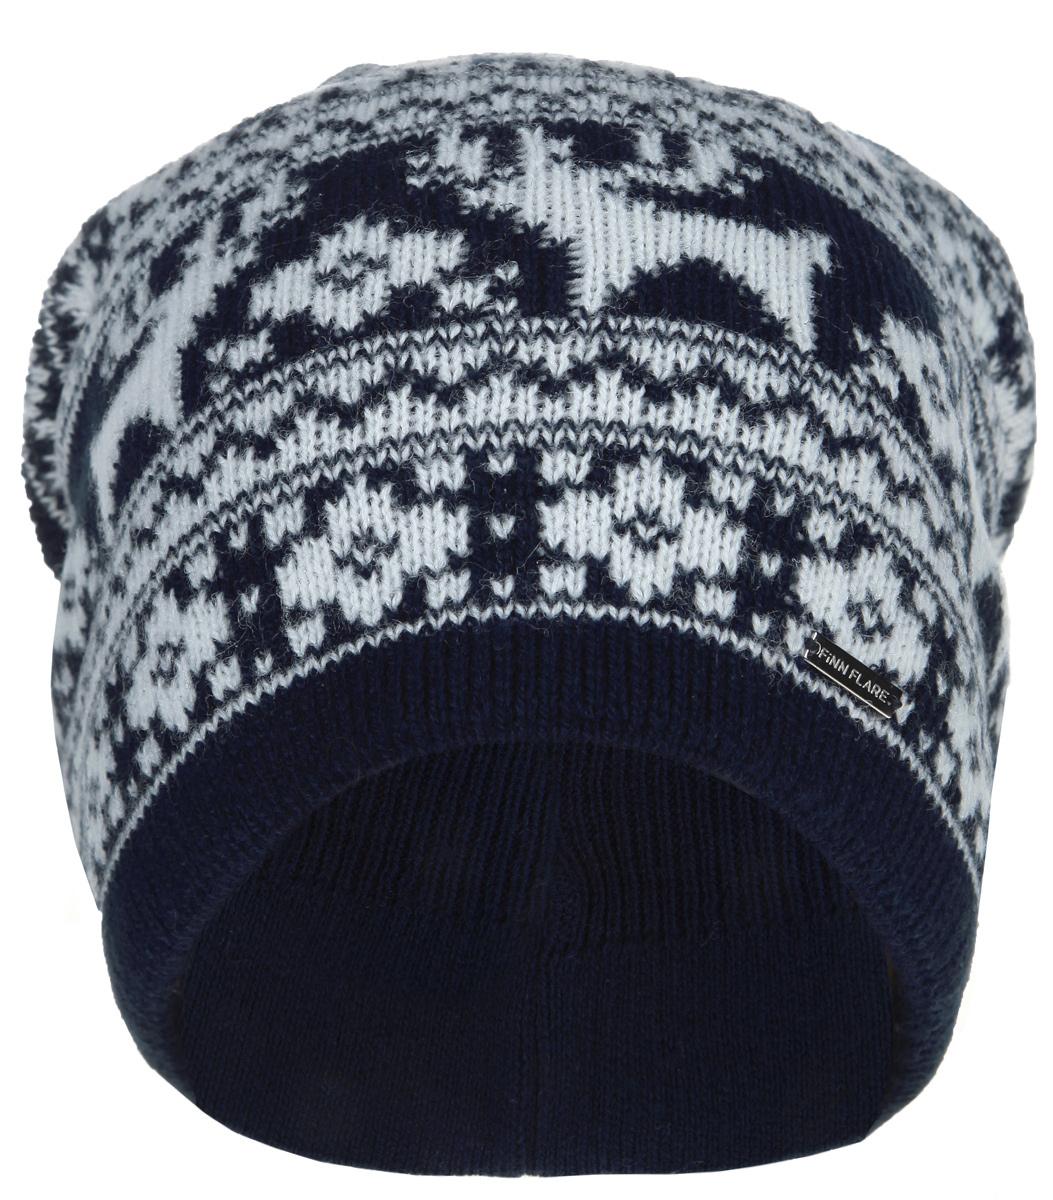 Шапка женская. W15-12124W15-12124Все, что нужно не только для того, чтобы согреться, но и для дополнения модного образа - это замечательная шапка Finn Flare. Модель двойной плотной вязки, полушерстяная, отлично дополнит ваш образ в холодную погоду. Шапочка оформлена вязаным орнаментом с оленями и помпоном. Декорирована небольшим элементом в виде металлической пластины с названием бренда. Такая шапка составит идеальный комплект с модной верхней одеждой, в ней вам будет уютно и тепло!